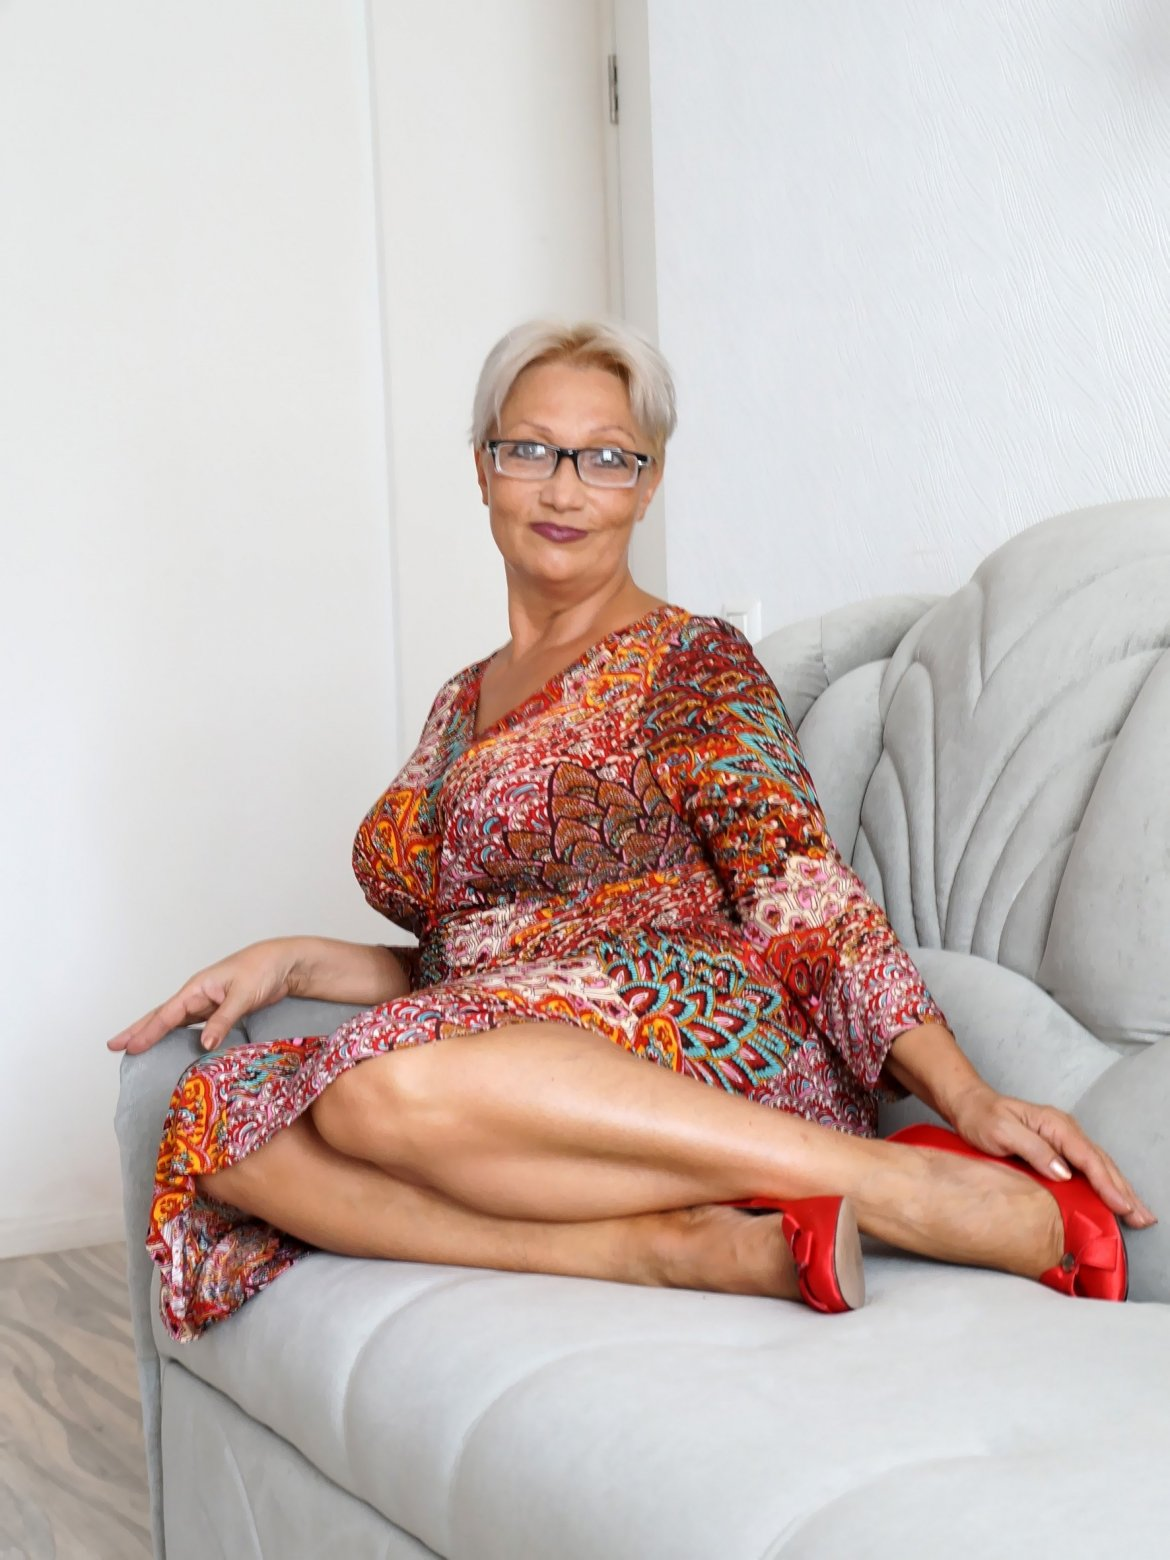 Покажите Фото Зрелые Женщины Голые